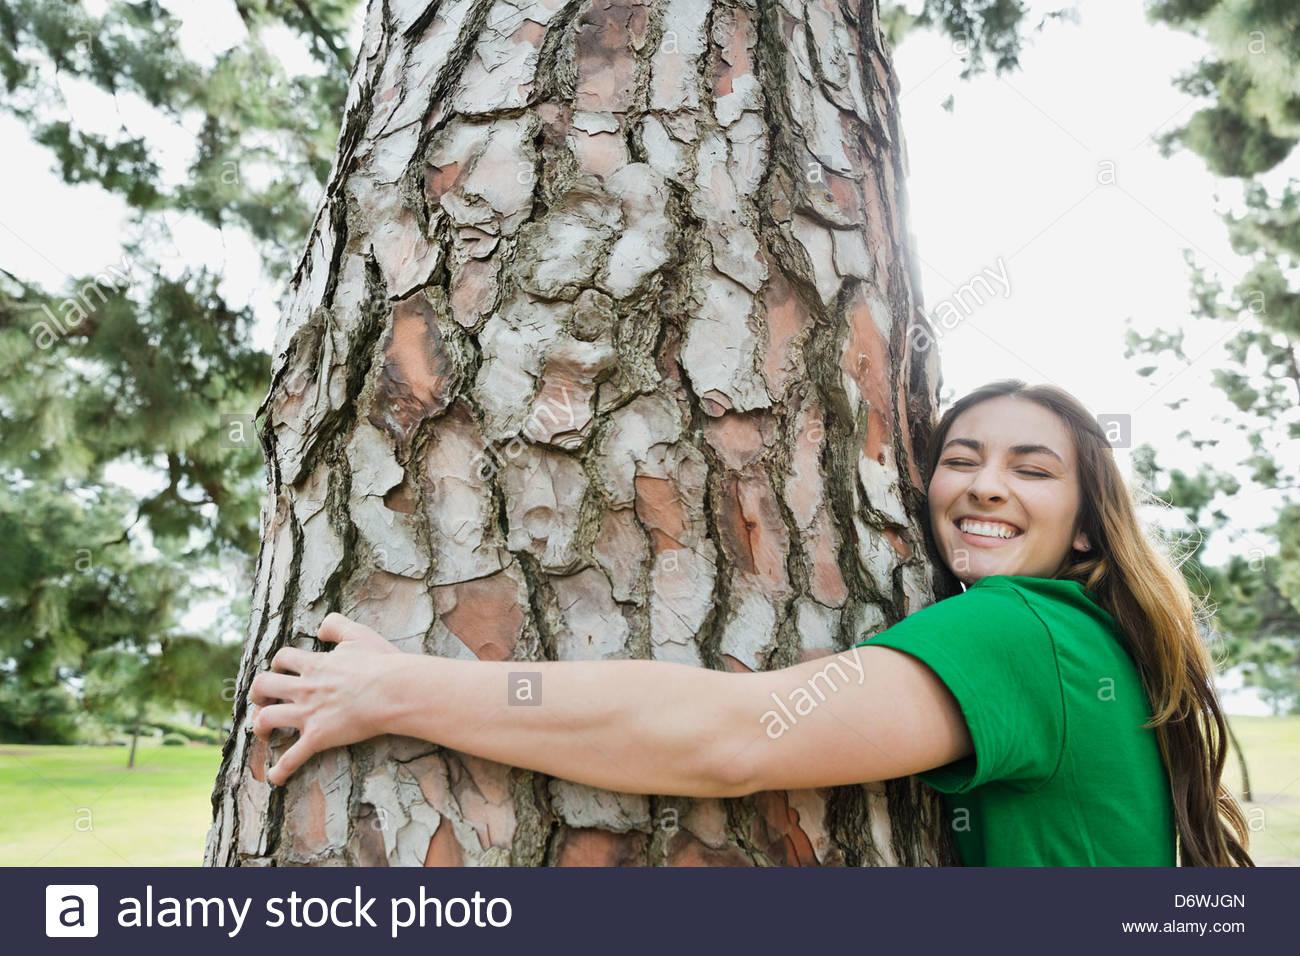 Vista lateral de la feliz joven abrazando árbol en park Imagen De Stock